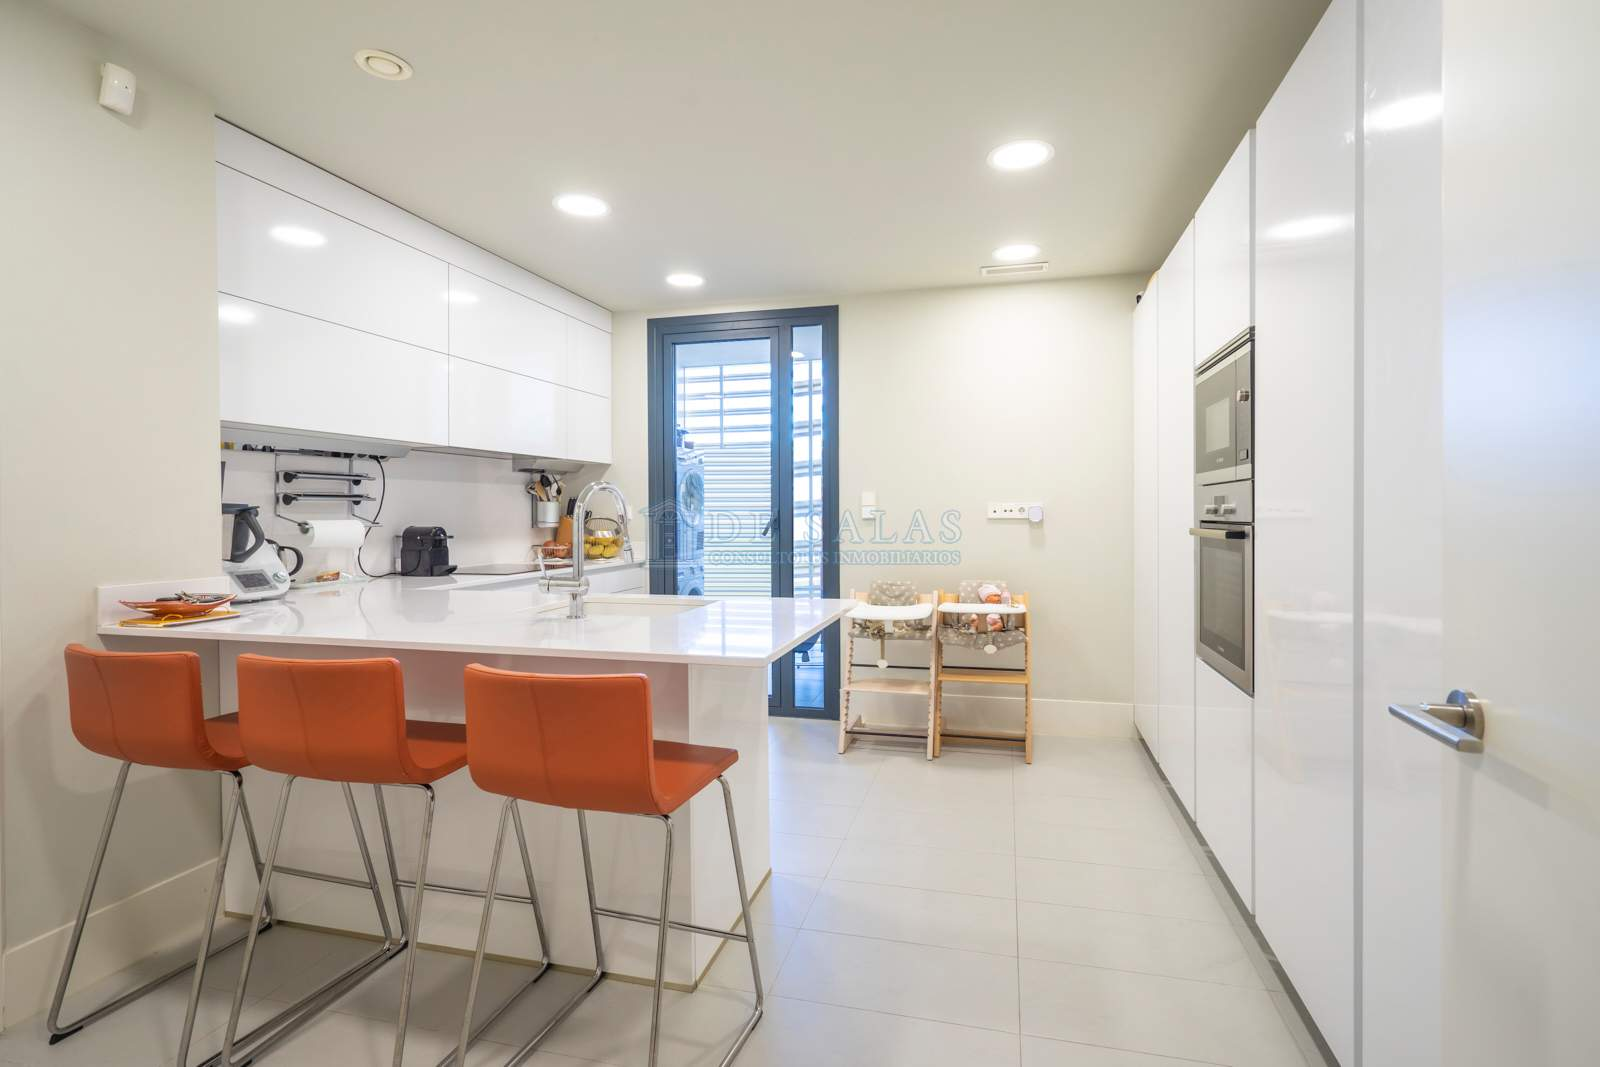 Cocina-24 Appartement El Encinar de los Reyes